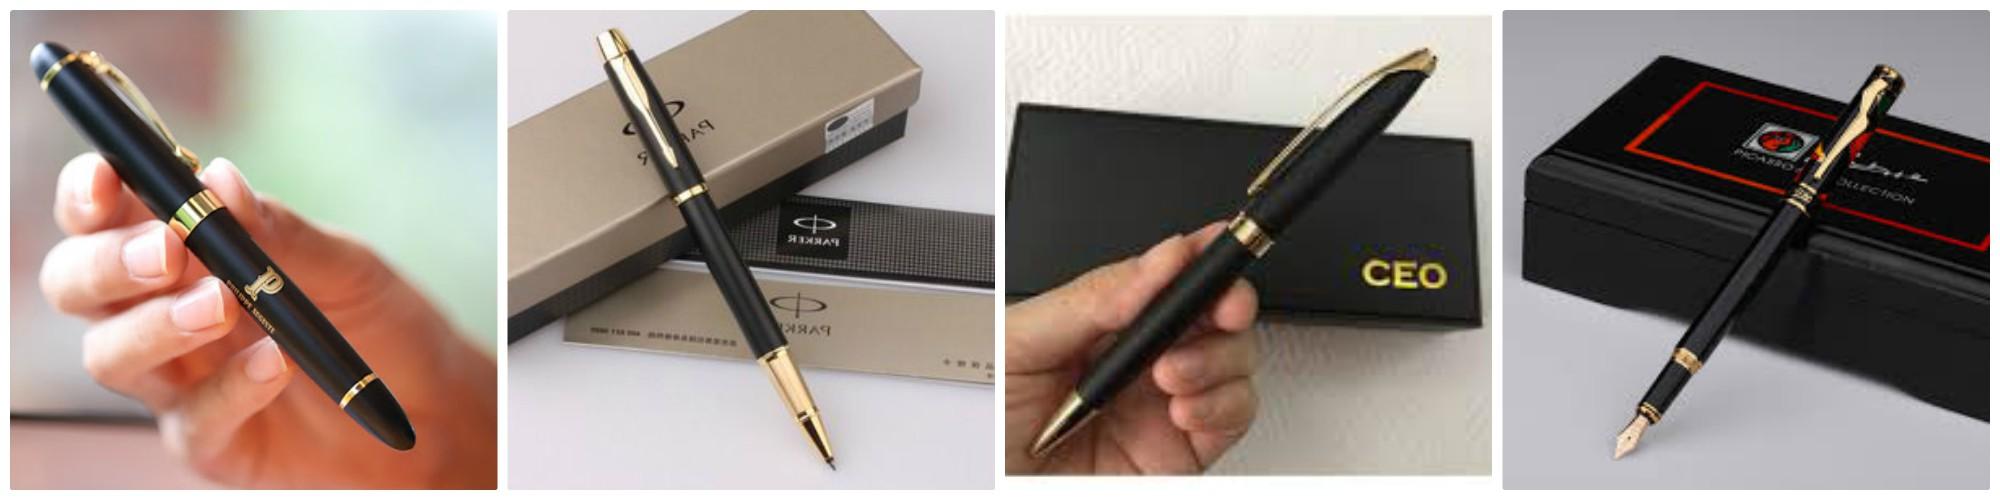 phân loại bút ký hiện nay